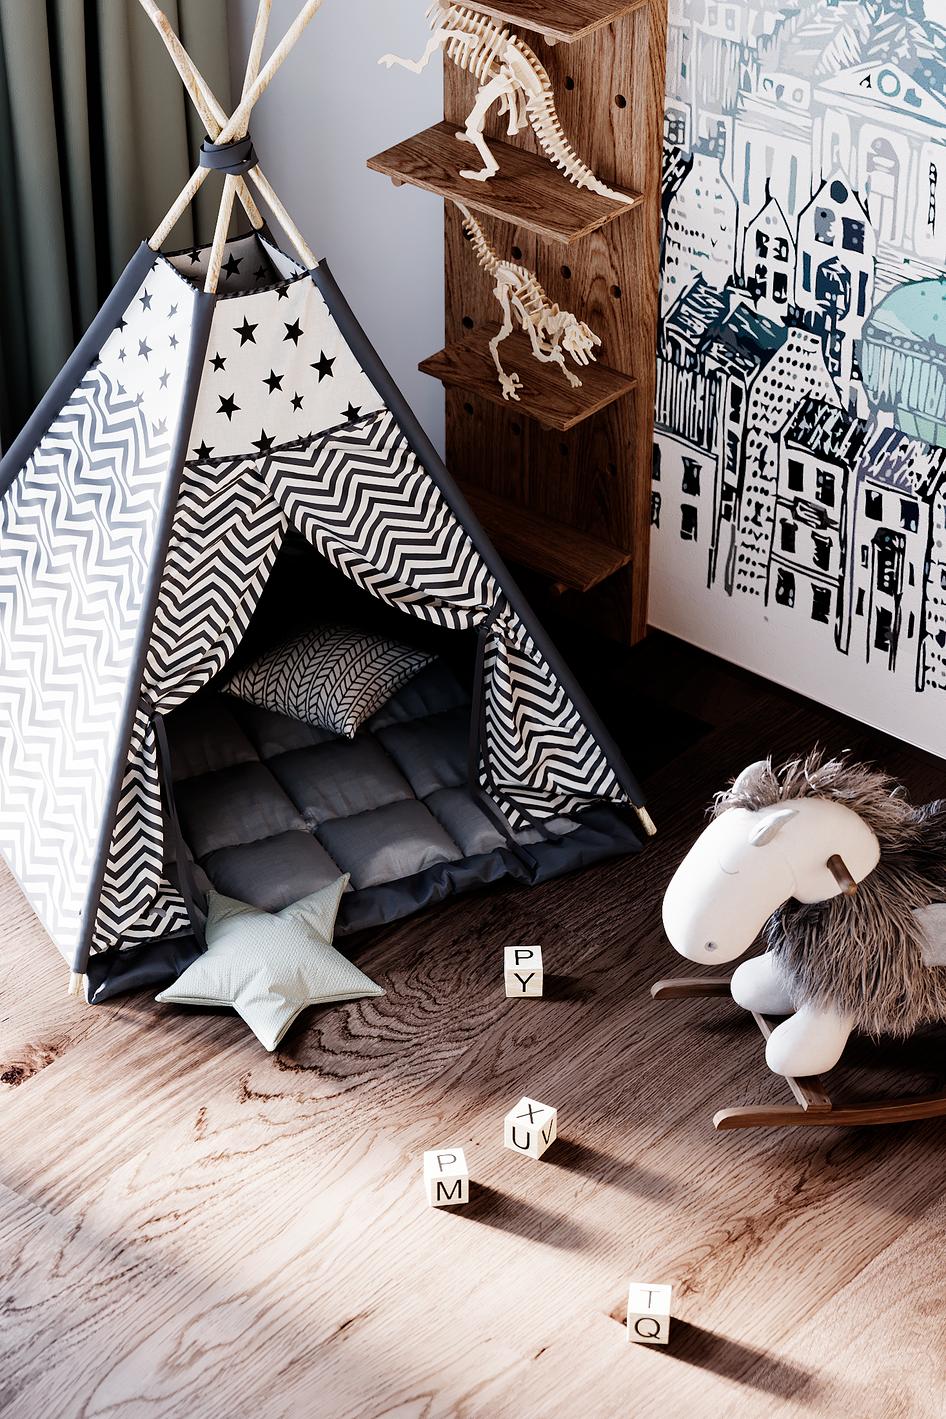 kids wigwam| kidsroom ideas | |блог senko architects| дизайн интерьера детской комнаты | дизайнер интерьера украина киев